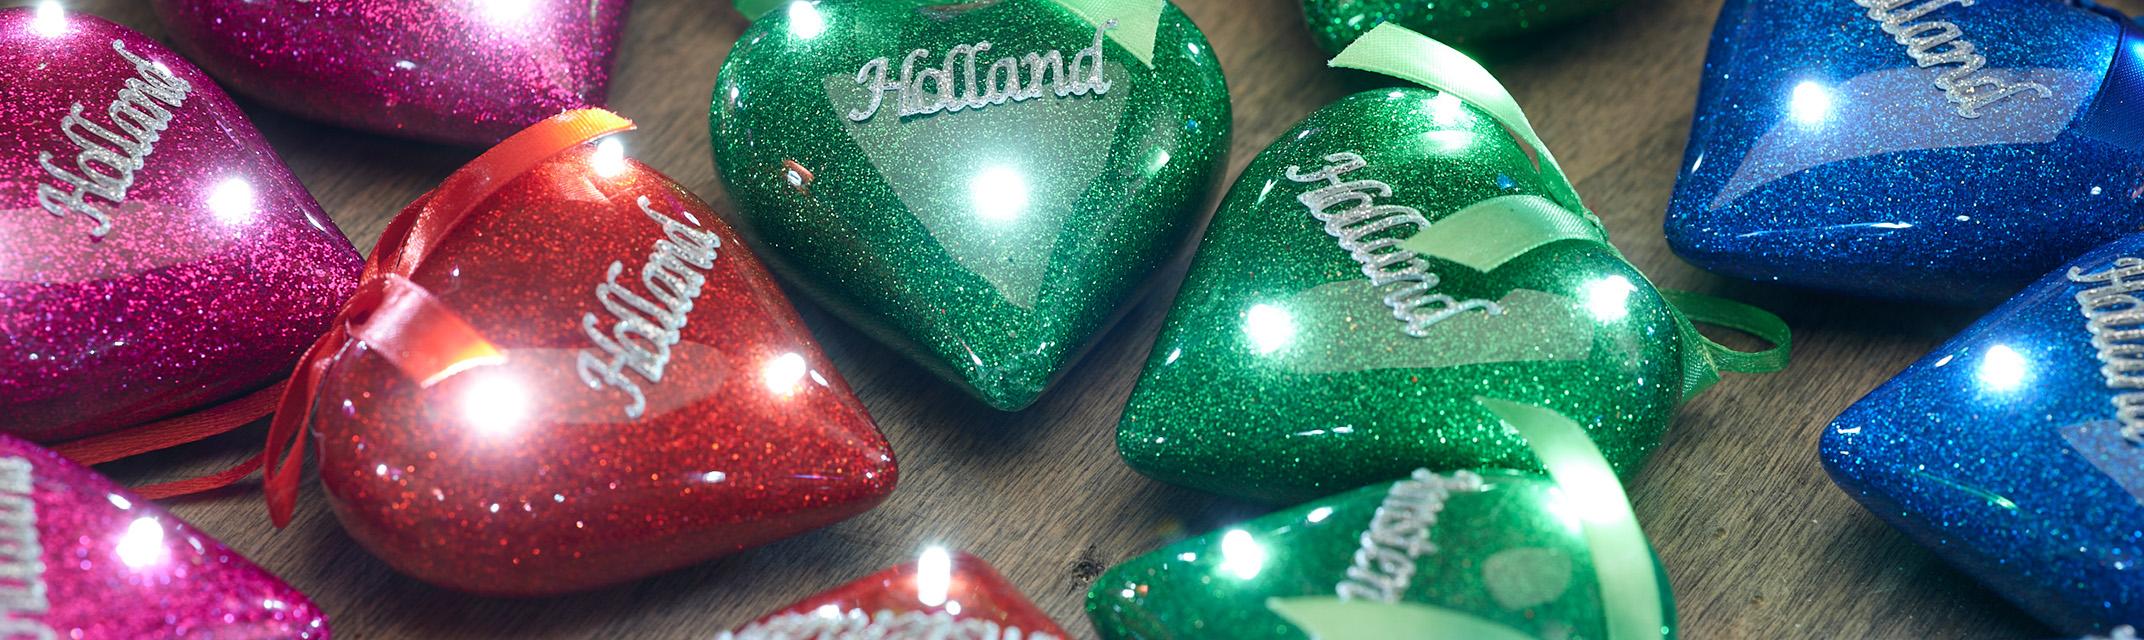 Christmas Hanger glitter